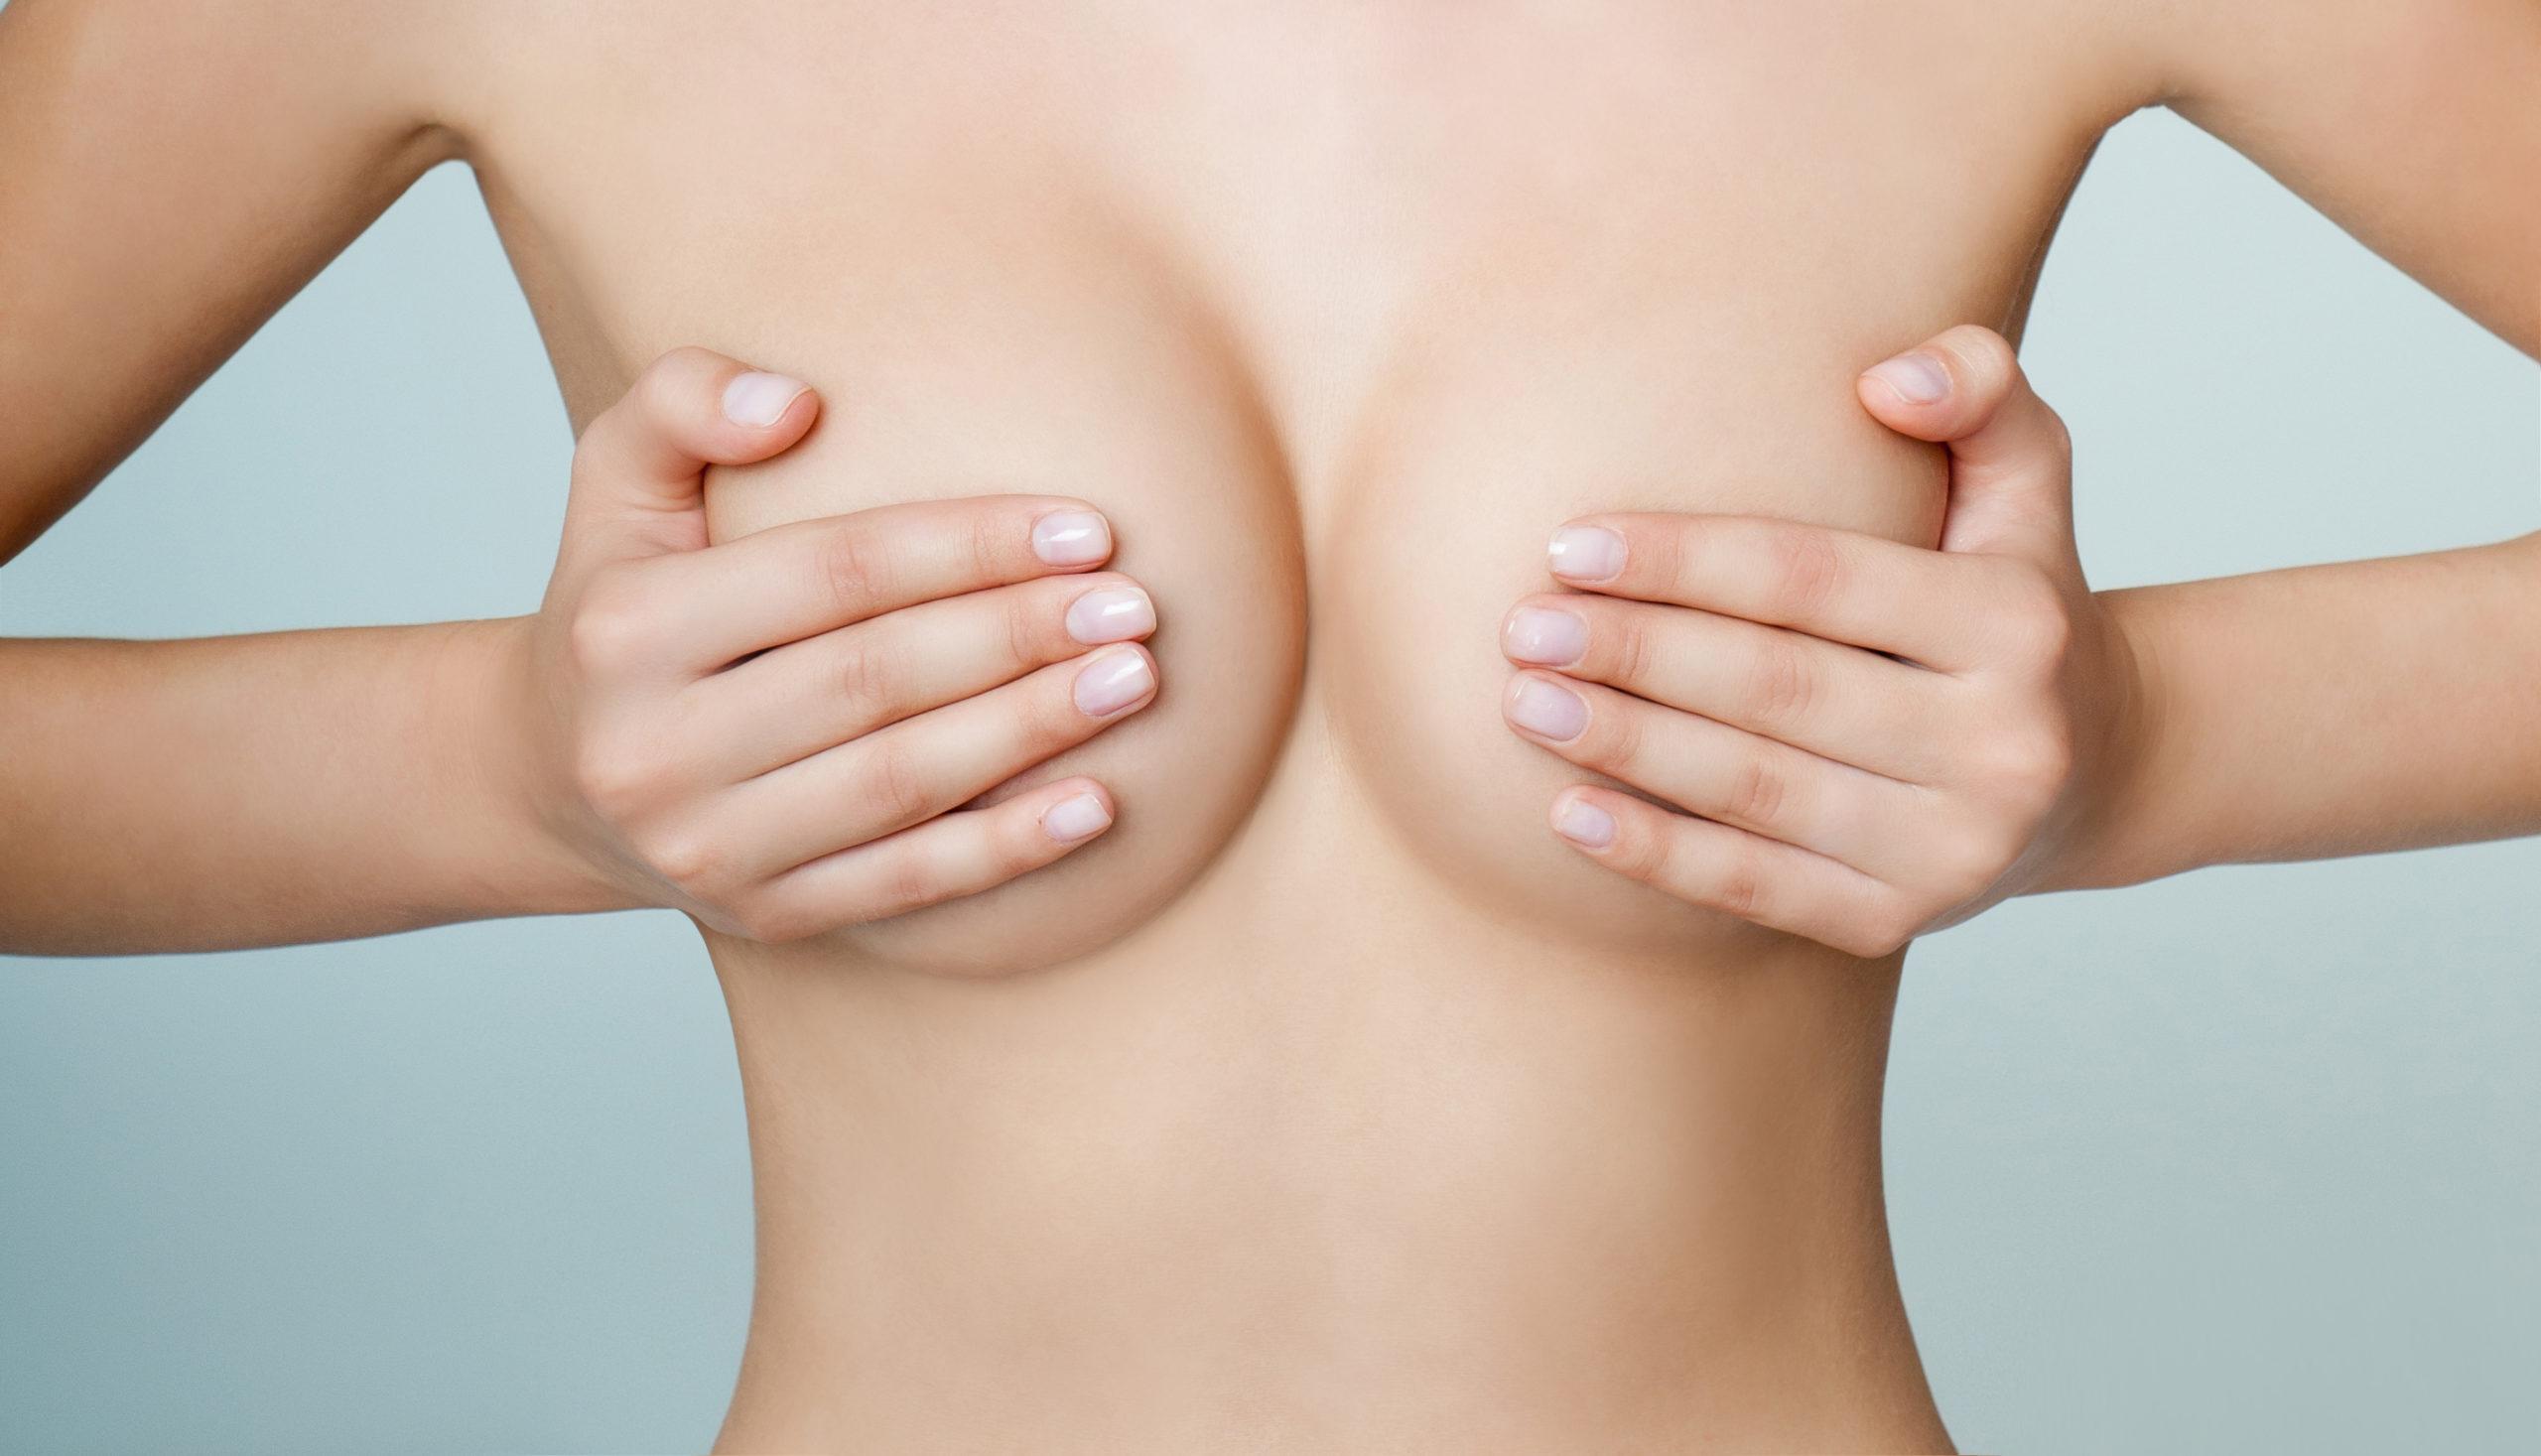 """Como funciona a técnica da """"Crioablação"""" no tratamento do câncer de mama?"""